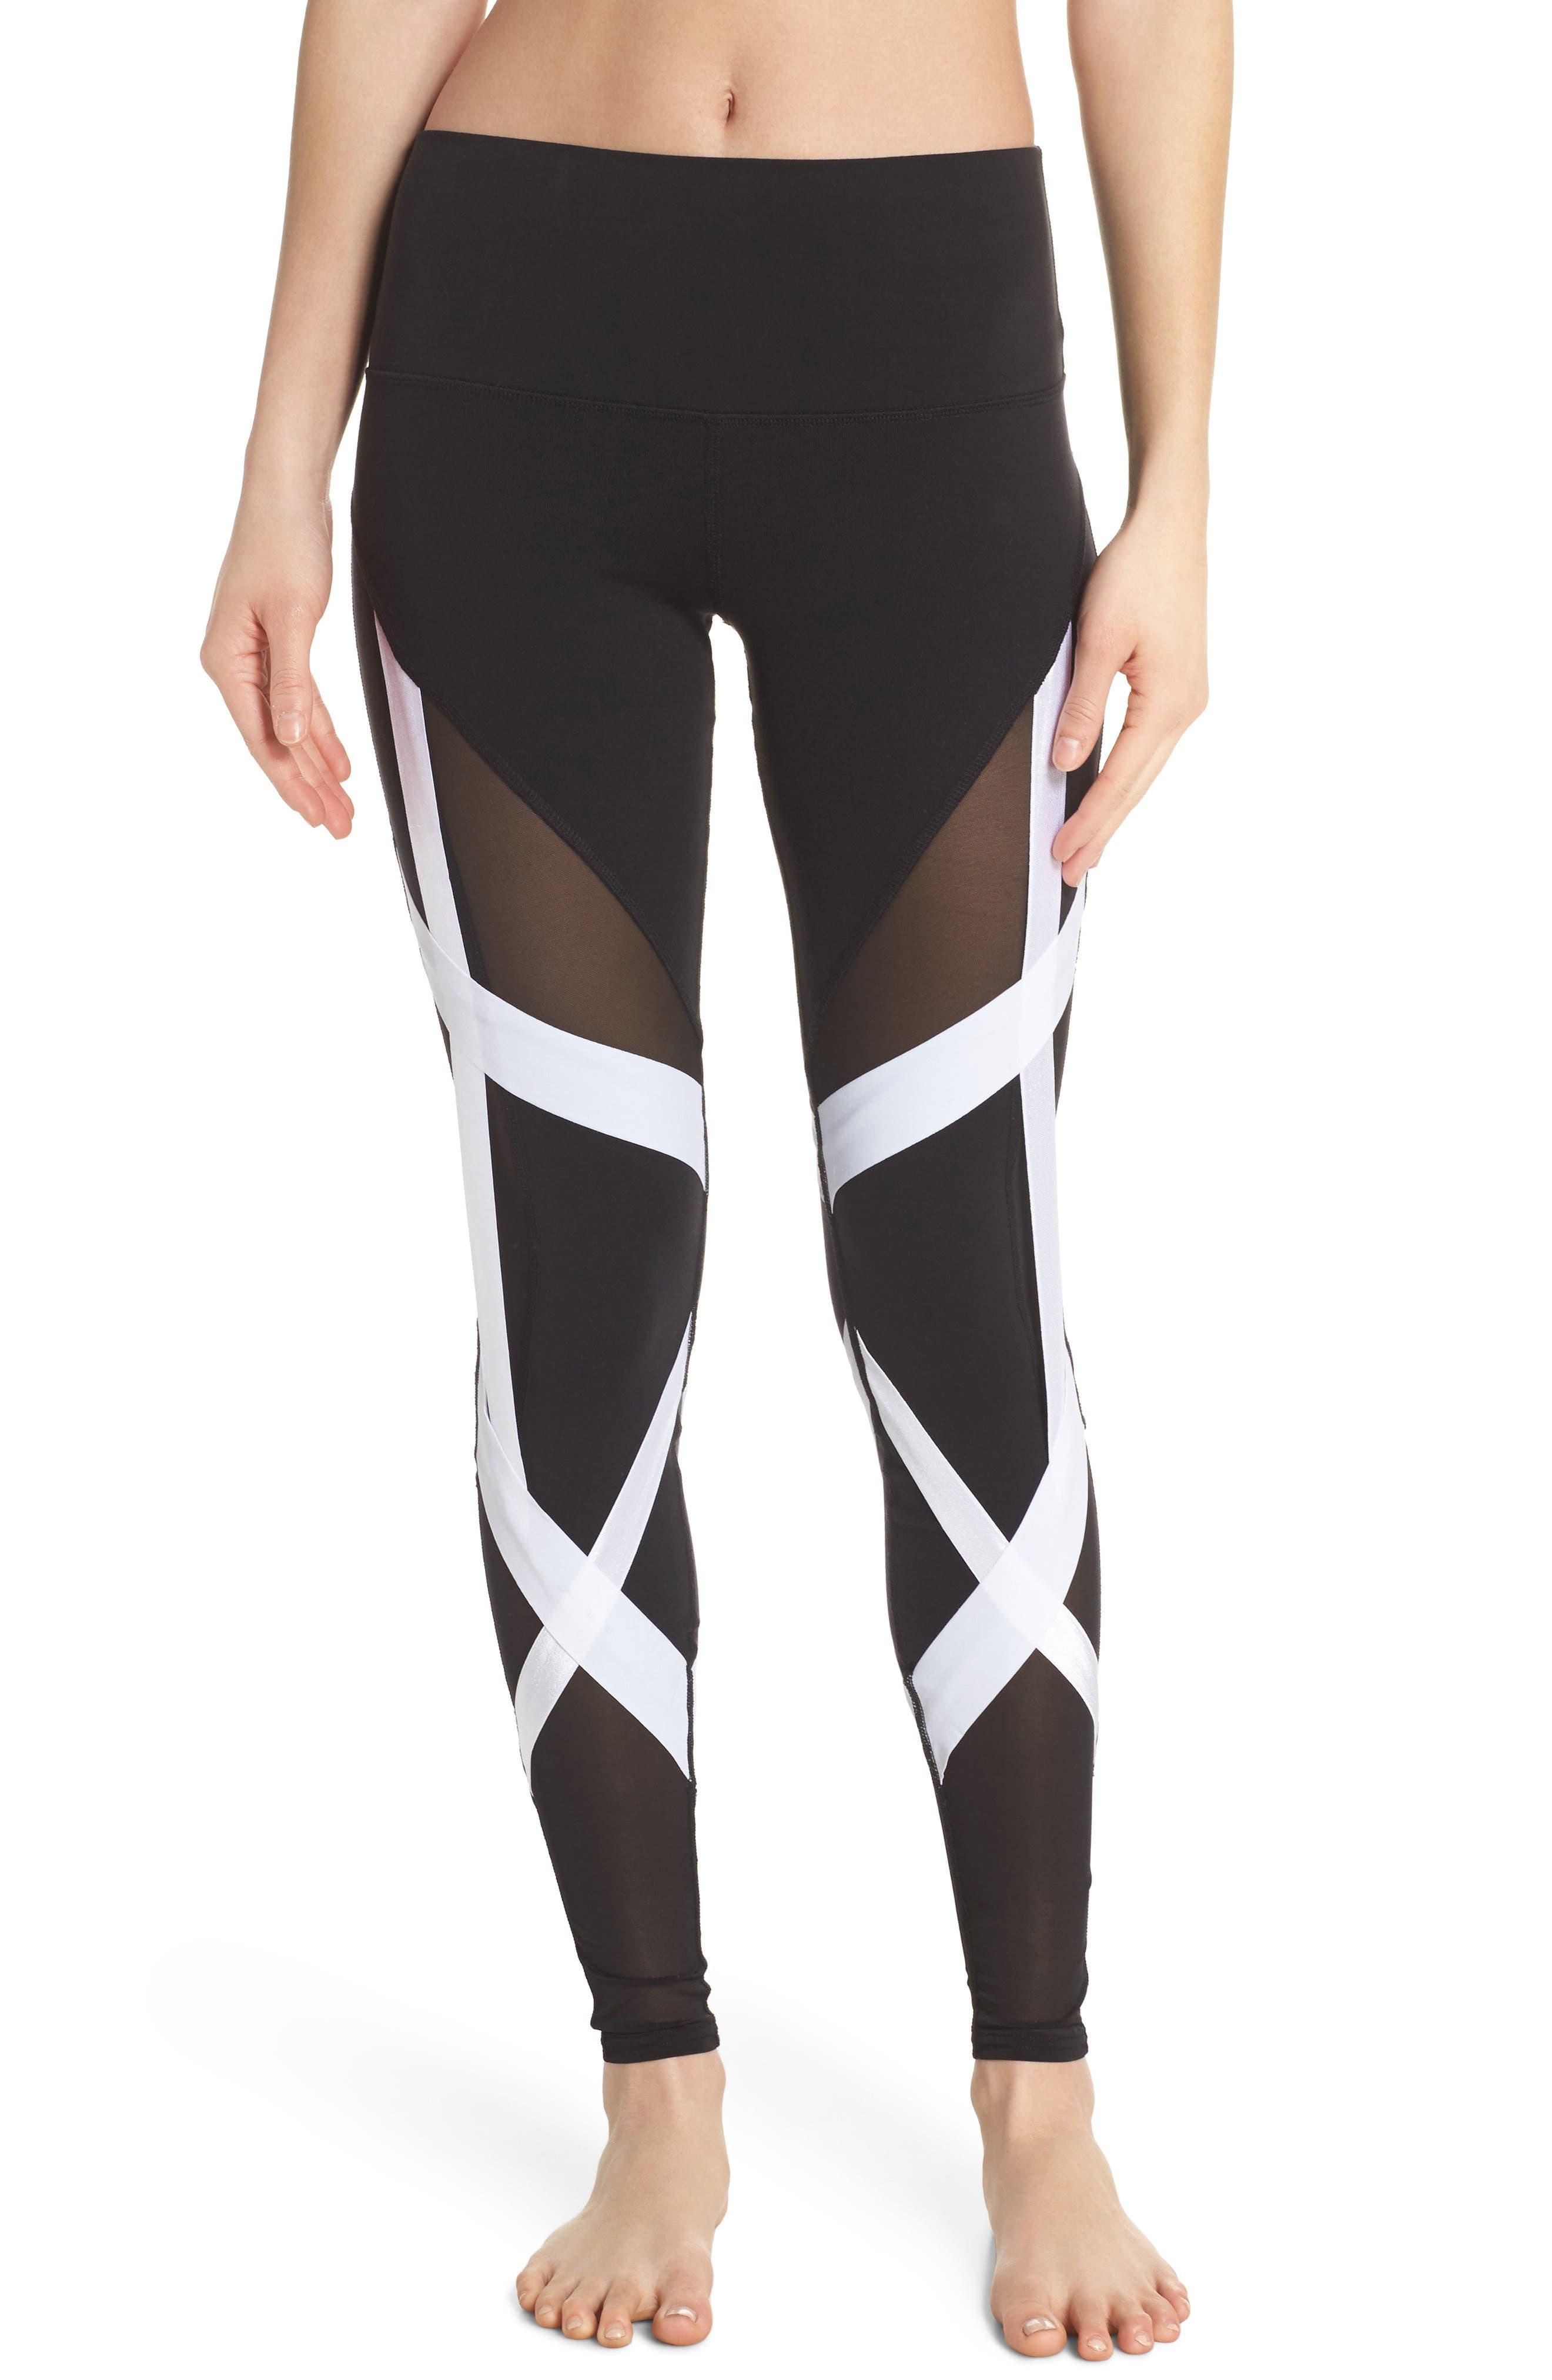 Tribe High Waist Leggings,                         Main,                         color, Black/ White